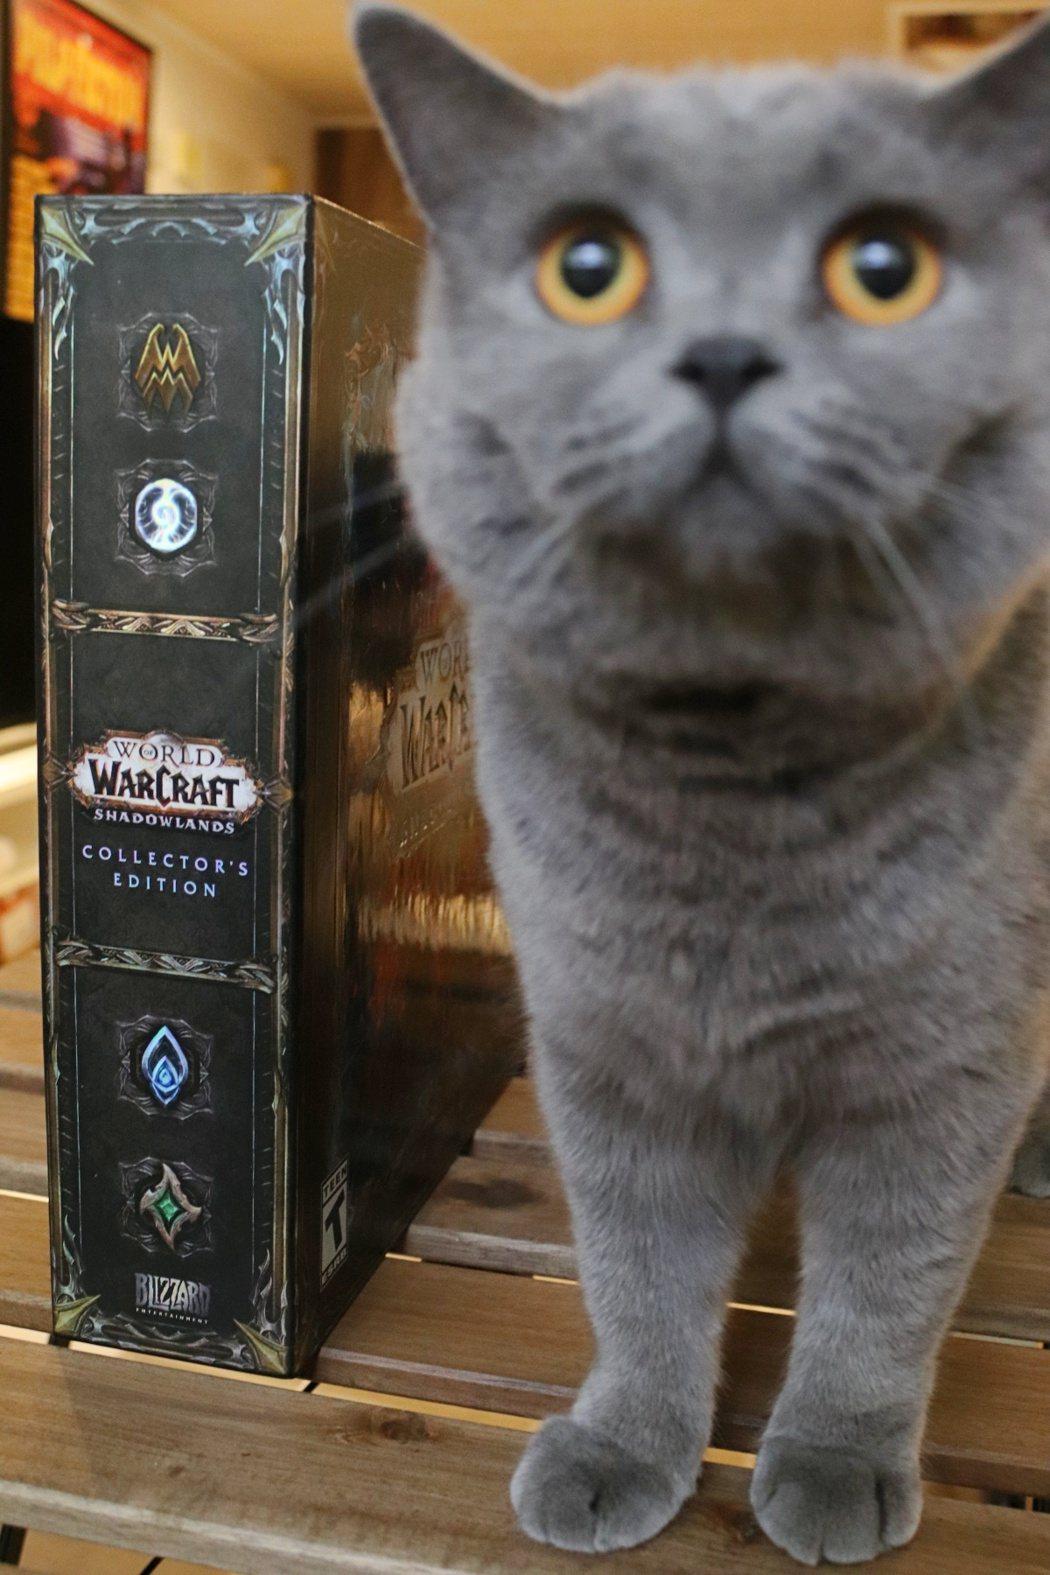 請忽略這隻貓